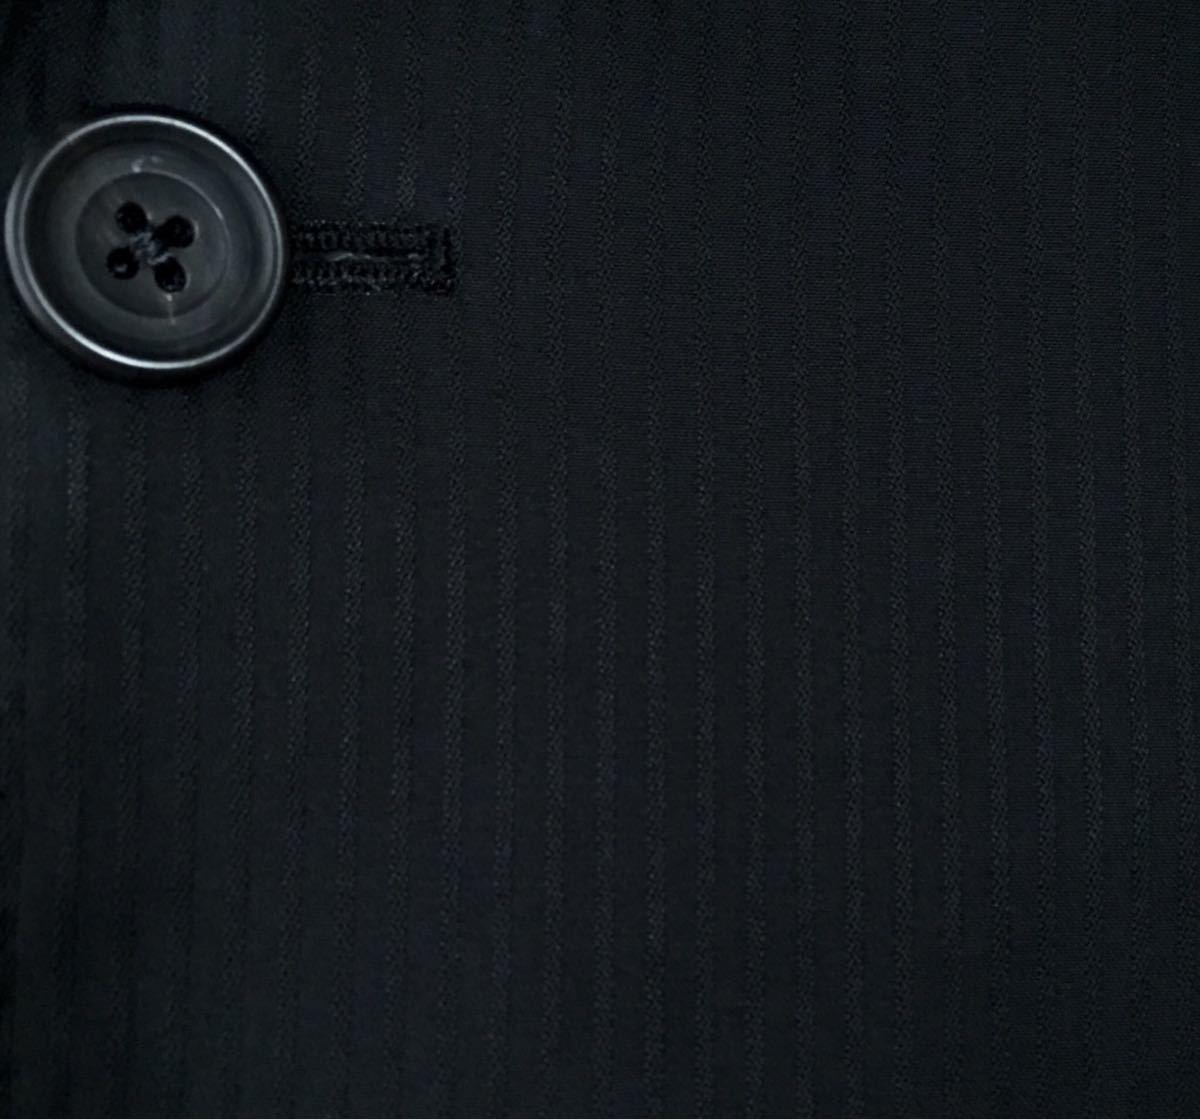 美品★アクアスキュータム★背抜き仕立て 黒 洗練されたお洒落な逸品!極上ブラックシャドーストライプセットアップスーツ/サイズ38(M位)330_画像7